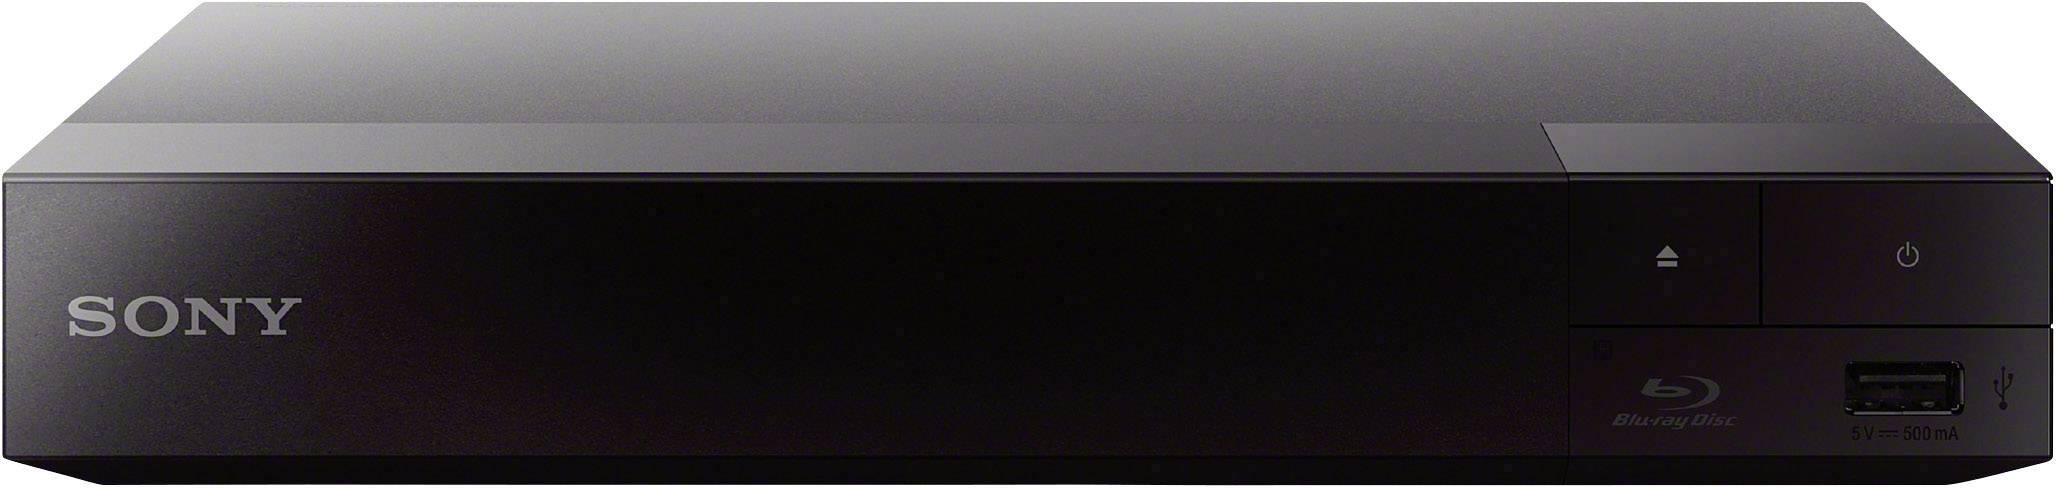 Blu-Ray přehrávač Sony BDP-S1700, černá